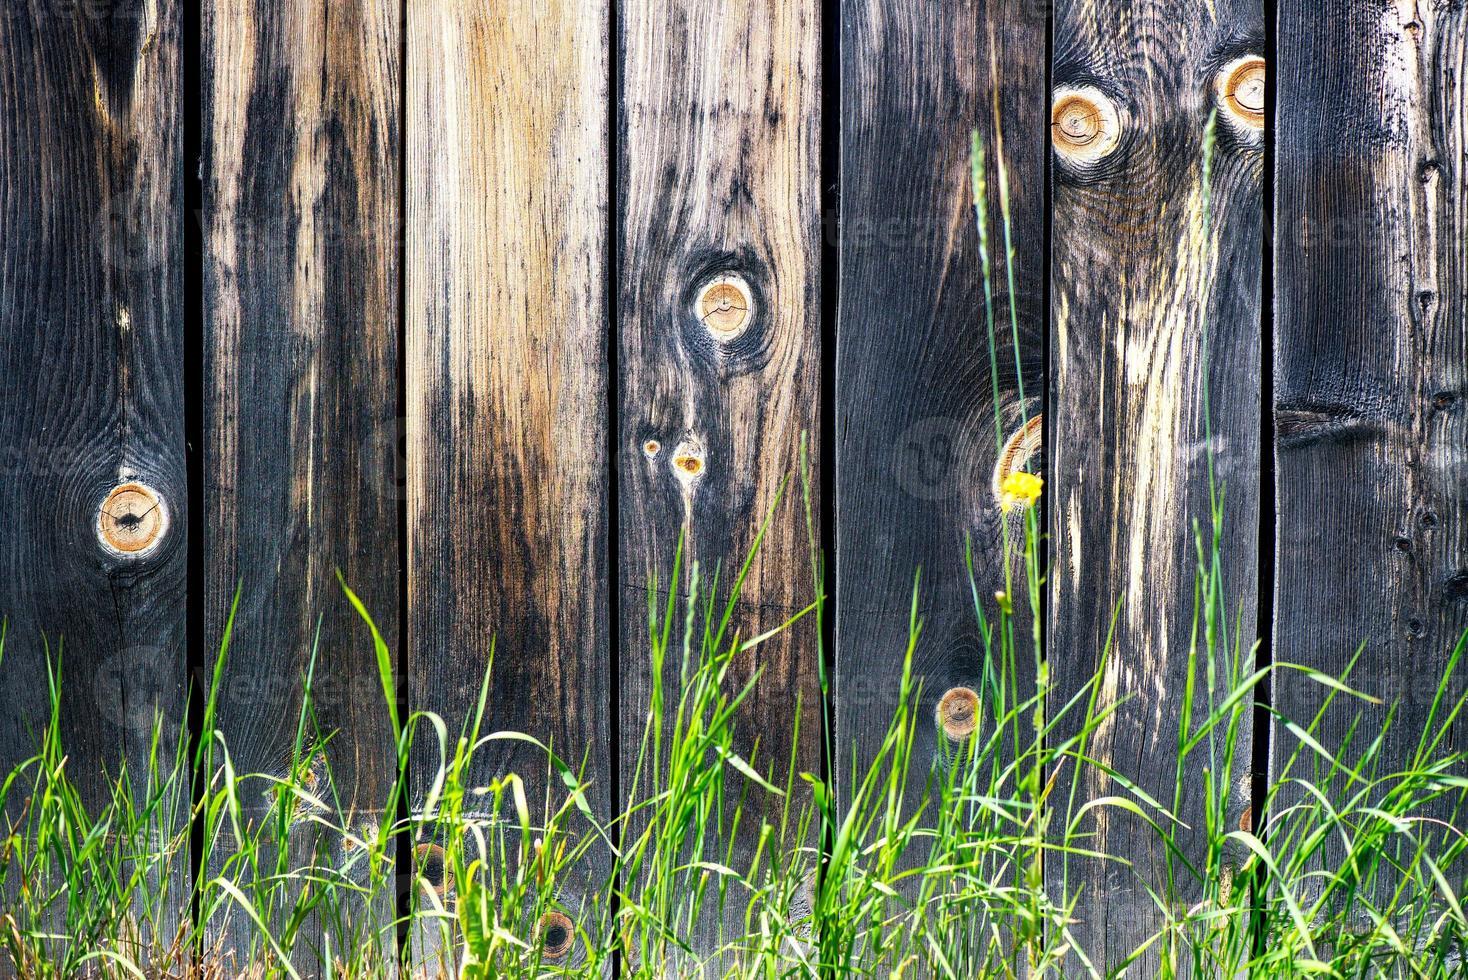 hierba salvaje cerca de la valla de madera vieja foto